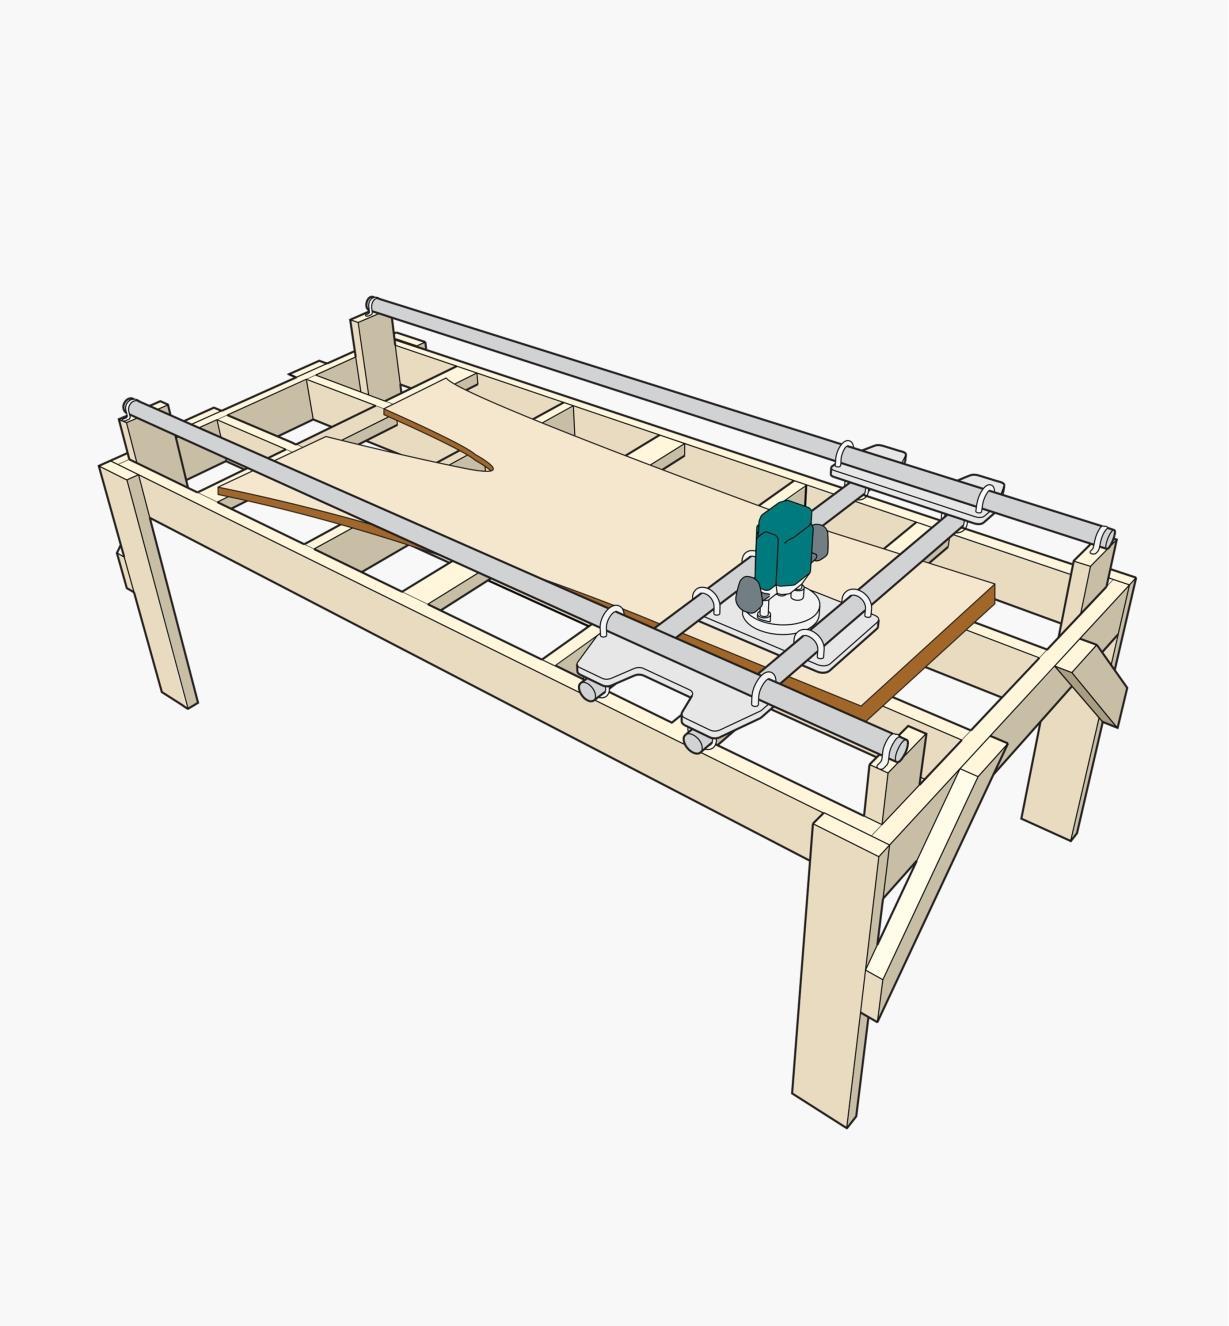 Dessin montrant une pièce de bois brut à dresser positionnée sur le chariot de dressage. Une plateforme en bois soutient le chariot et la pièce.